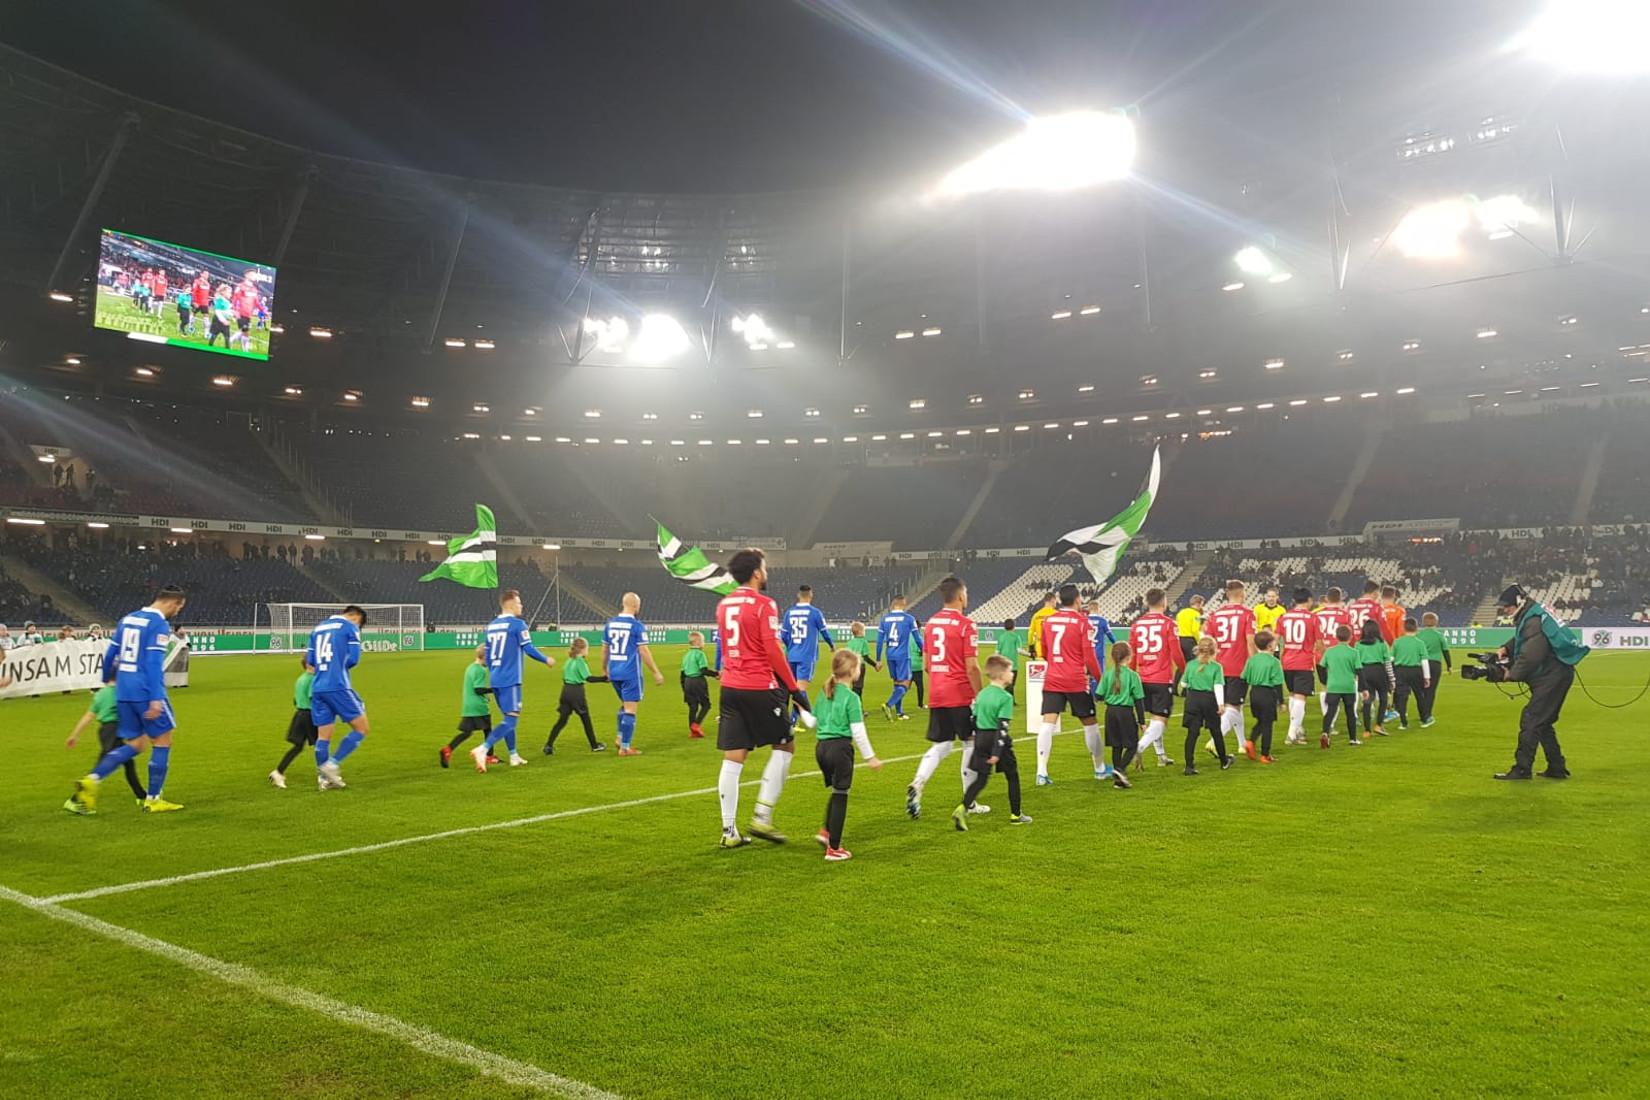 Hannover 96 – SV Darmstadt 98 1:2 (1:2)